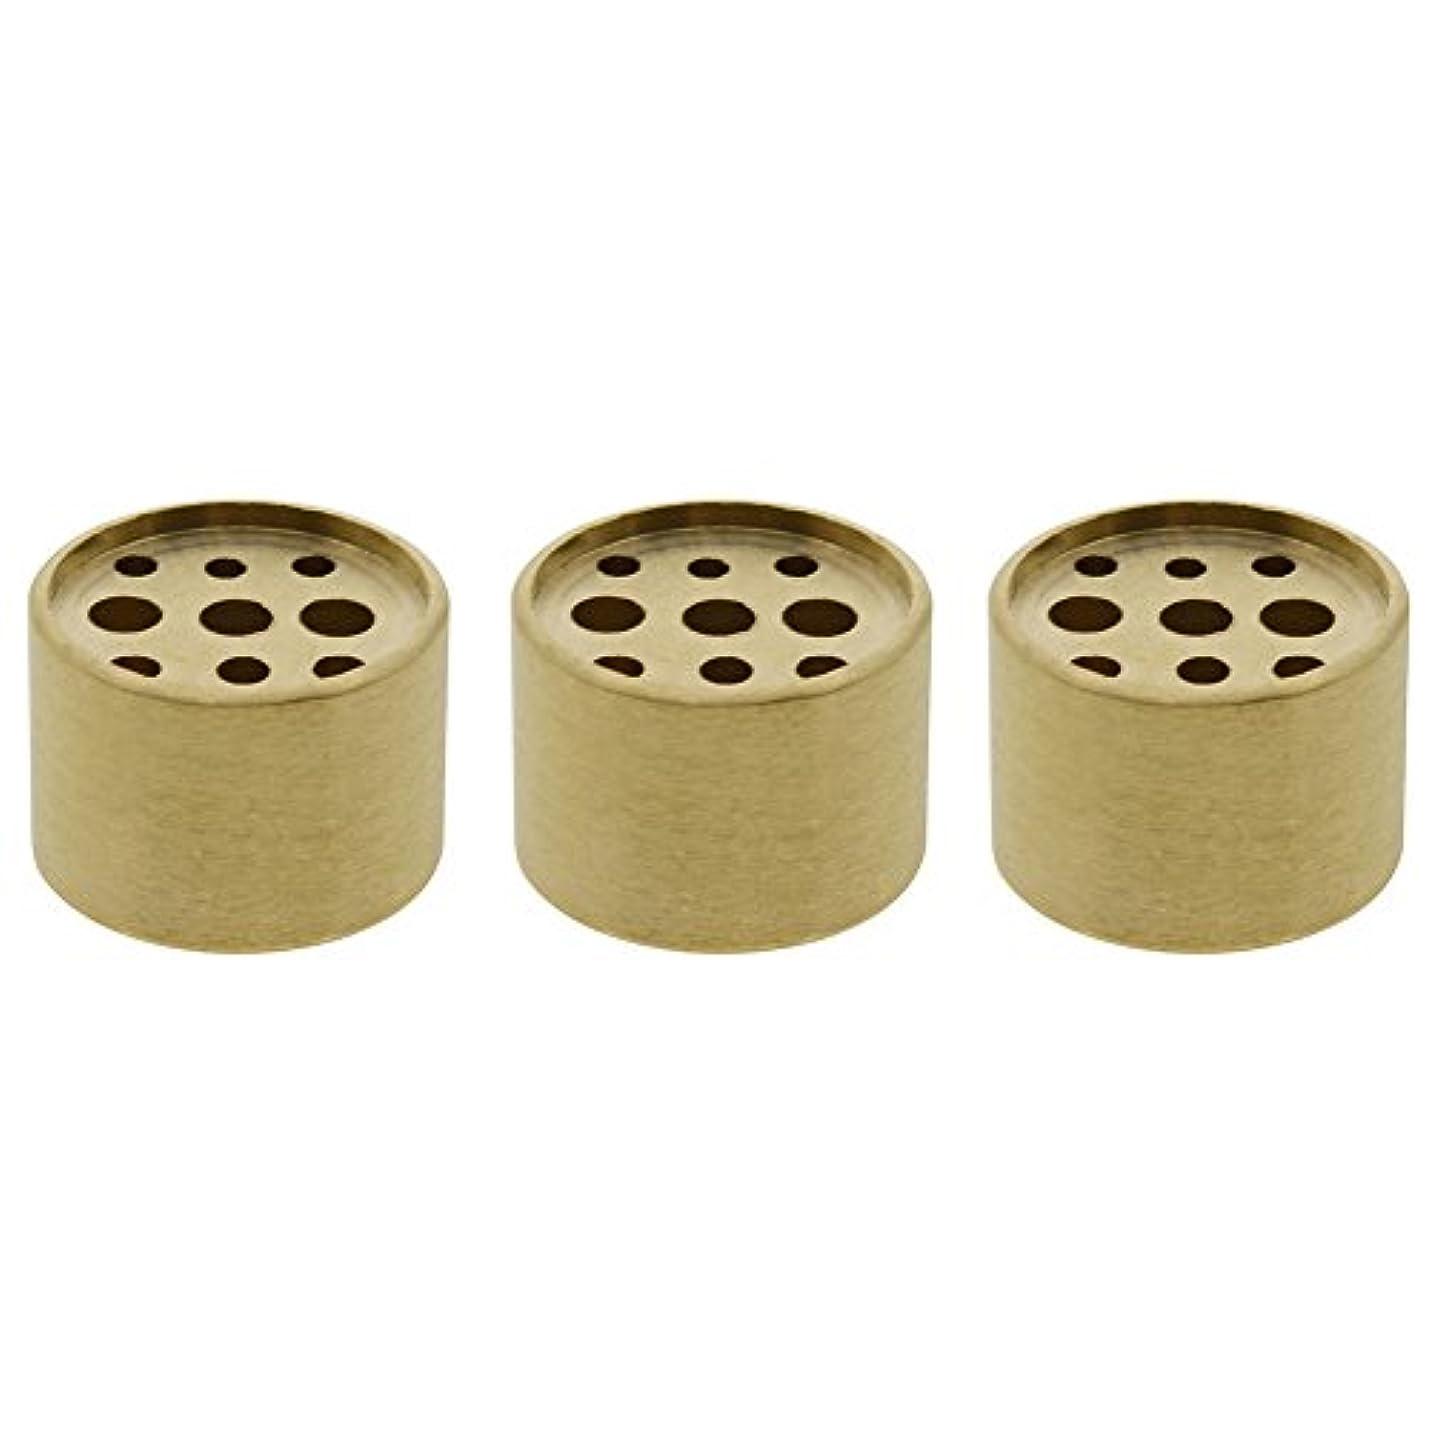 争う自発的ライラックSaim 3個Fine銅円柱形状Incenseホルダー9穴真鍮LotusスティックBurner for Incense